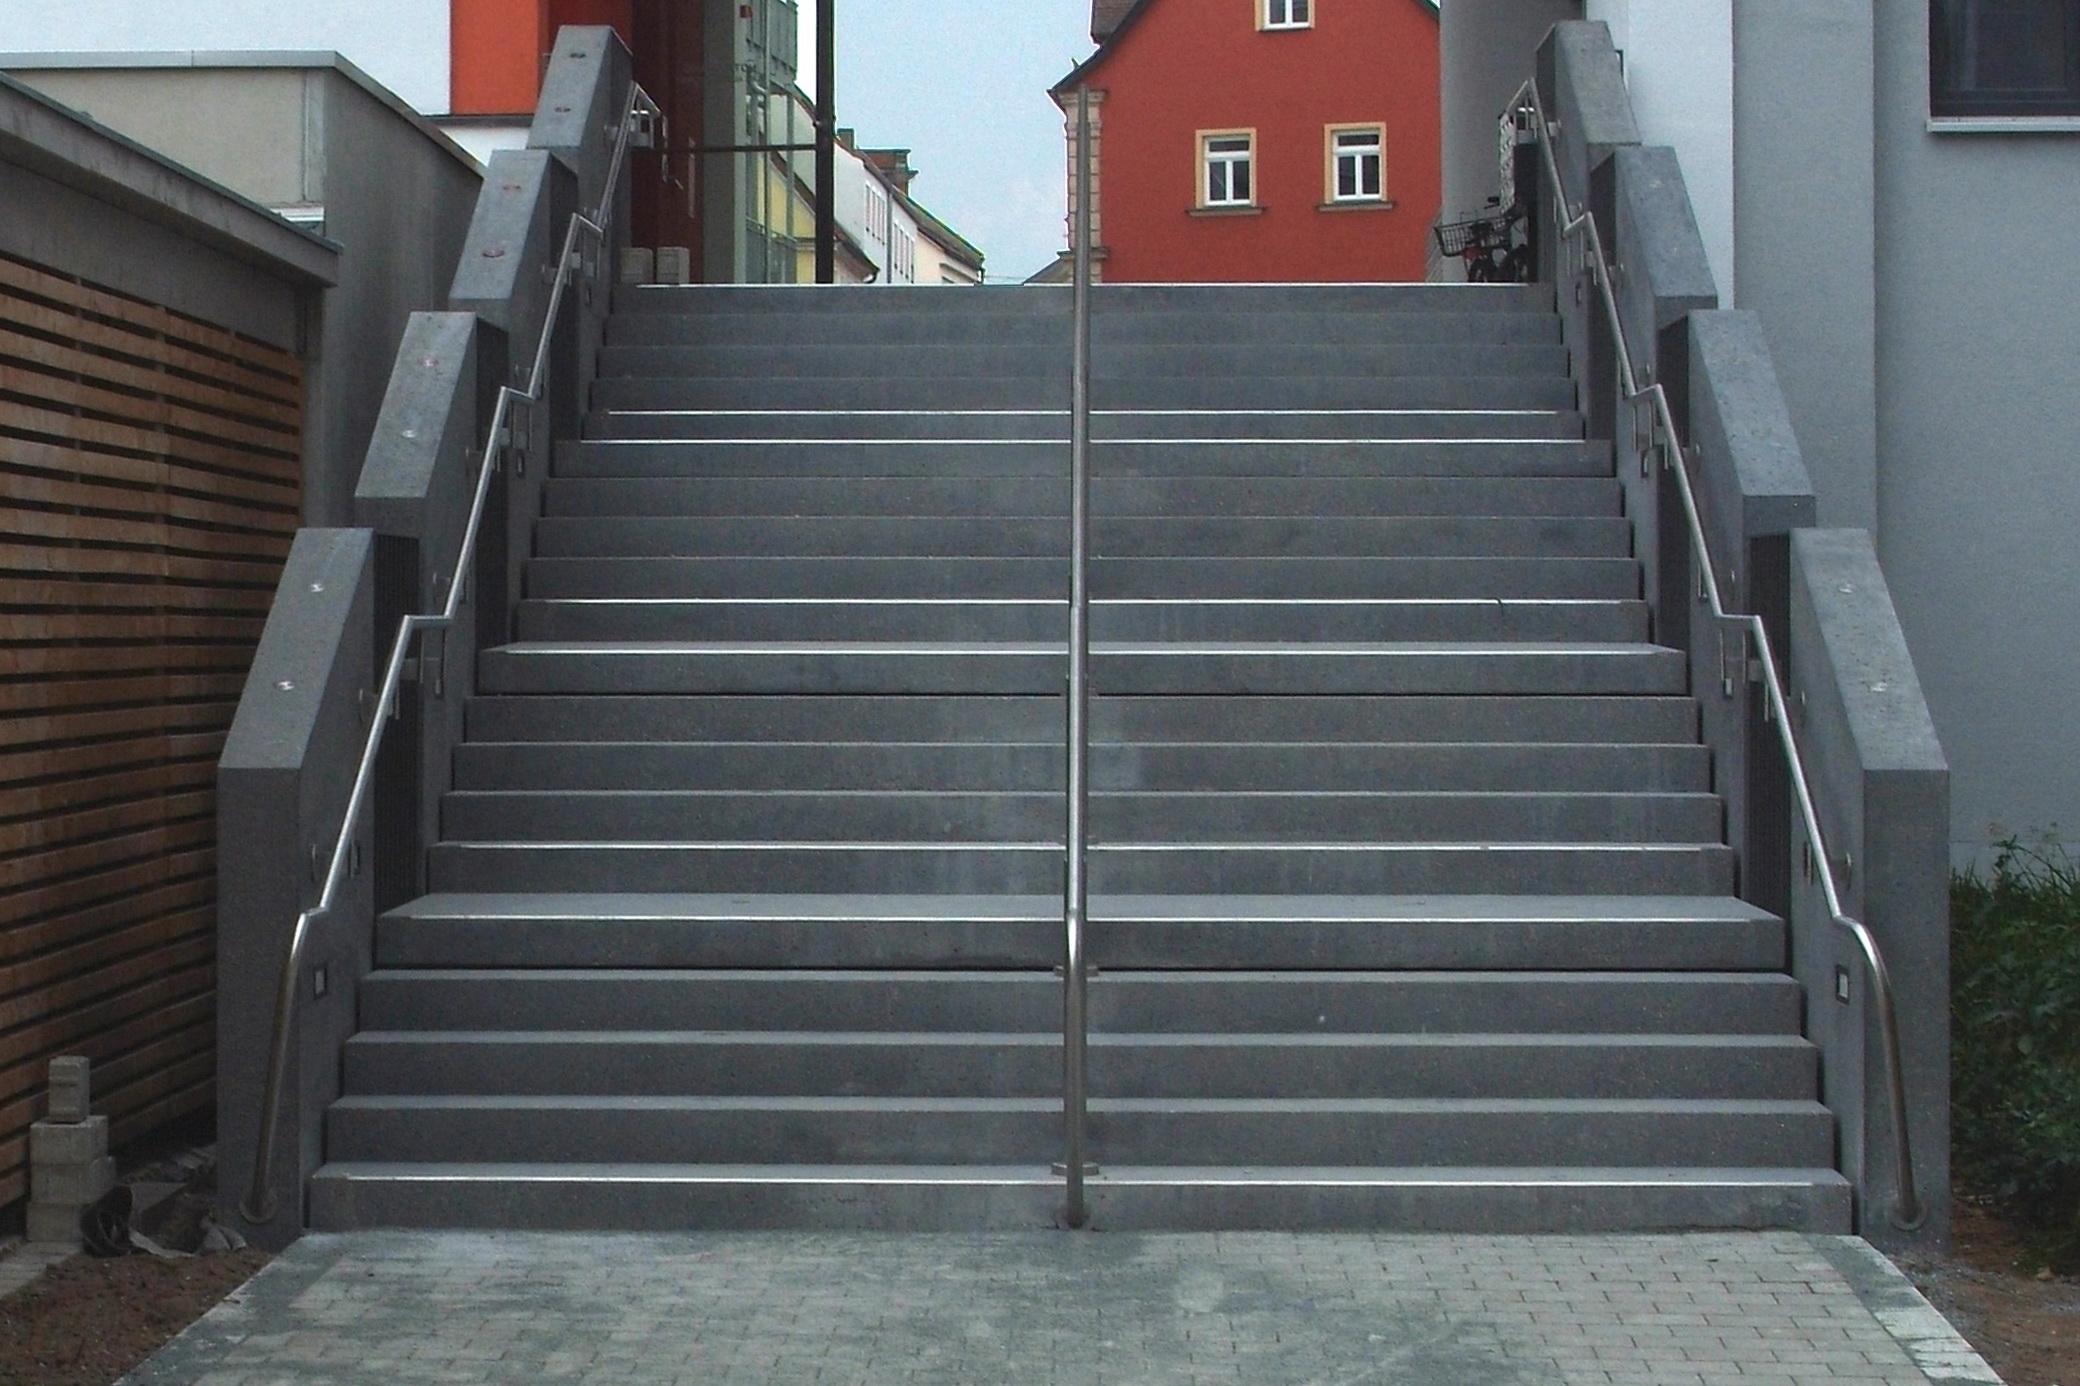 treppe aus sichtbeton stadtb cherei forchheim betonfassade. Black Bedroom Furniture Sets. Home Design Ideas